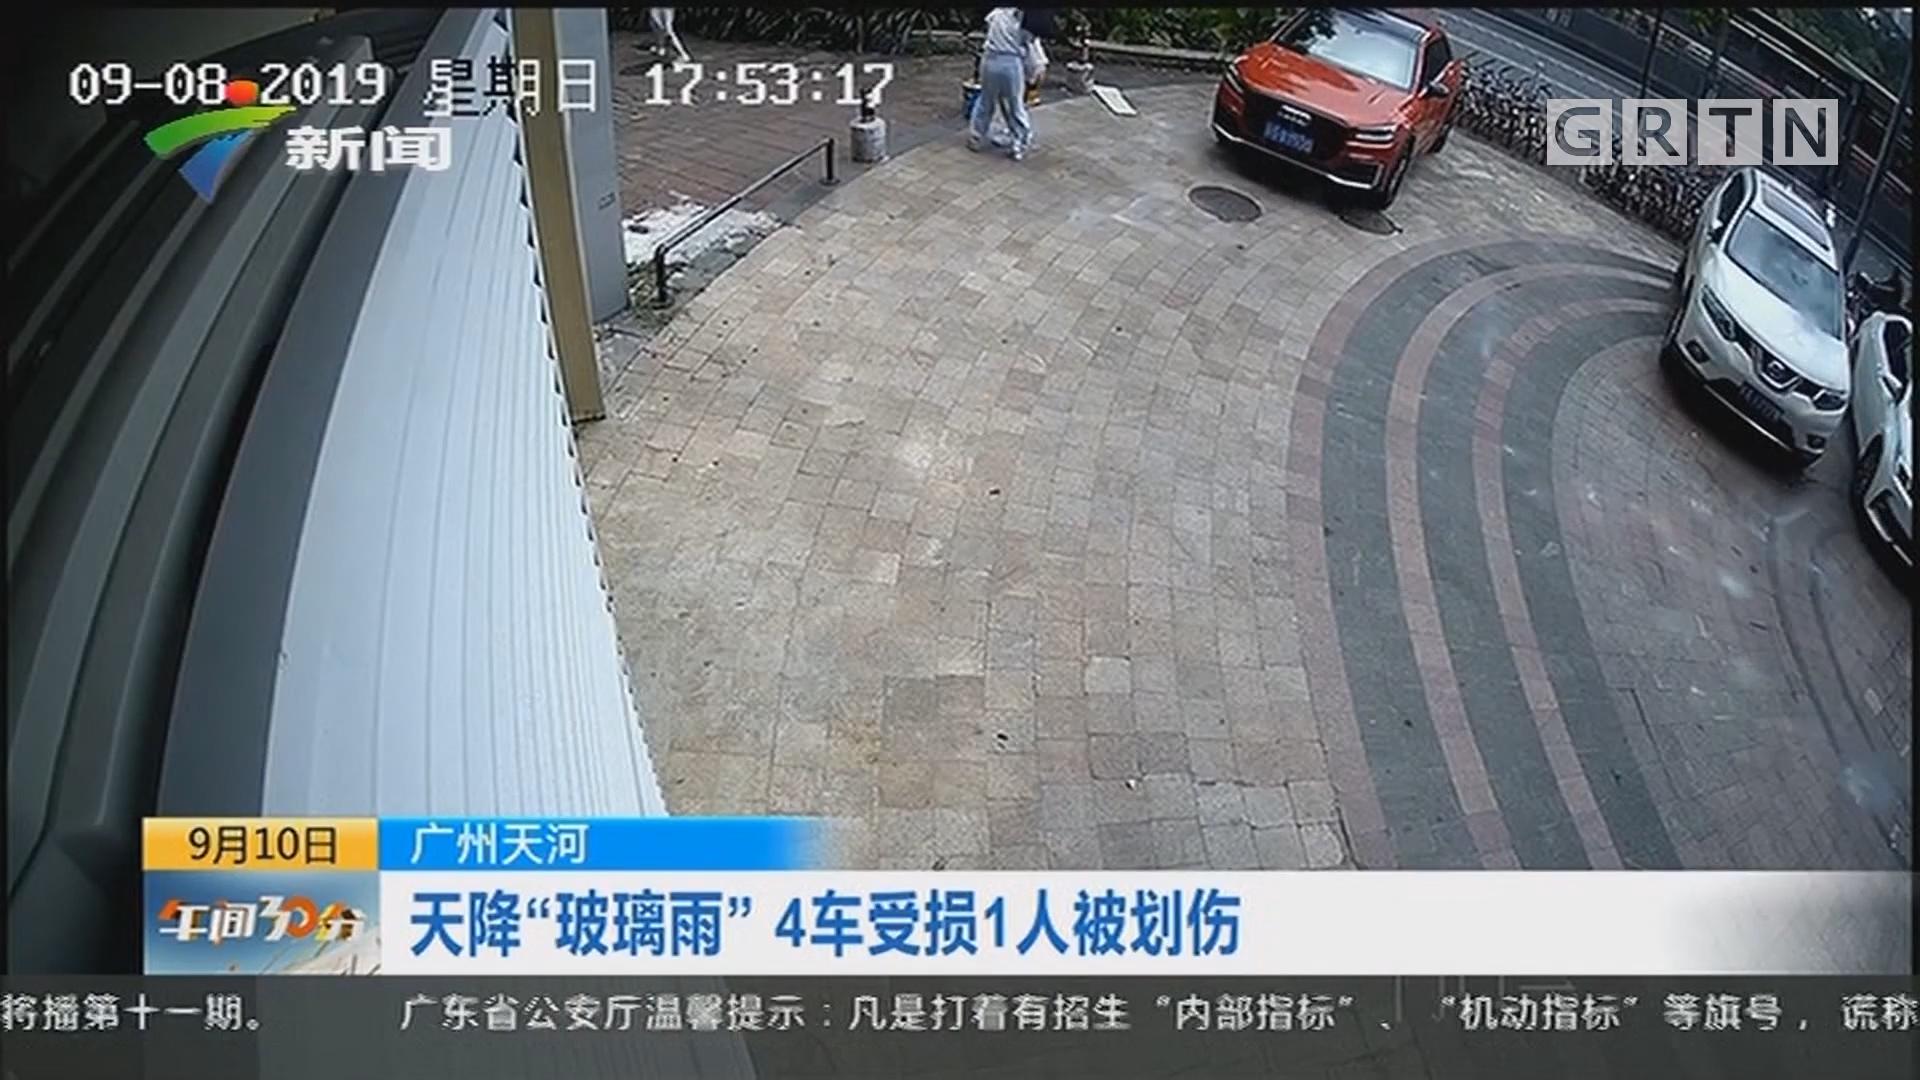 """廣州天河:天降""""玻璃雨"""" 4車受損1人被劃傷"""